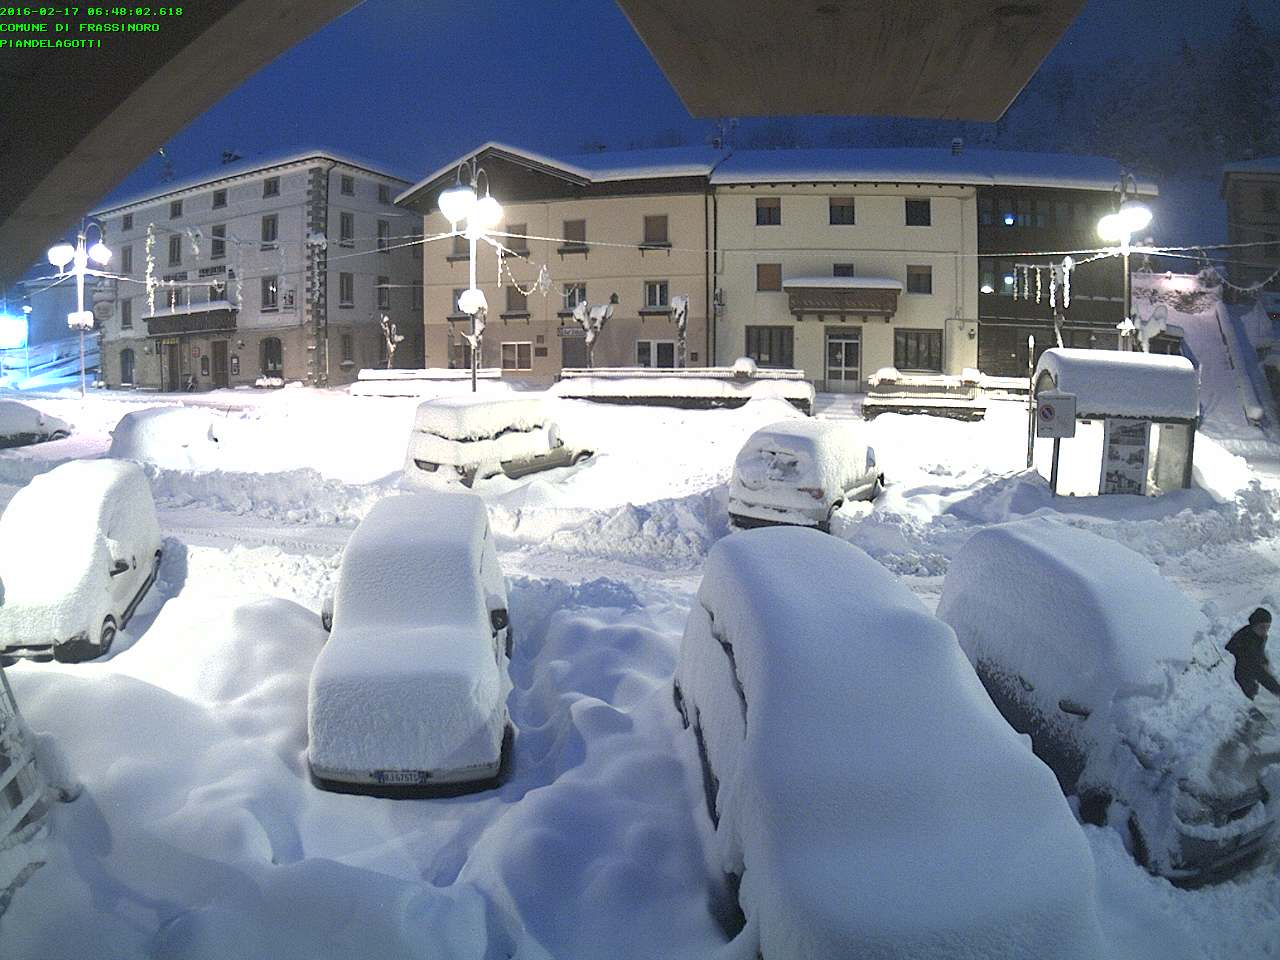 Meteo, neve abbondante sull'Appennino settentrionale